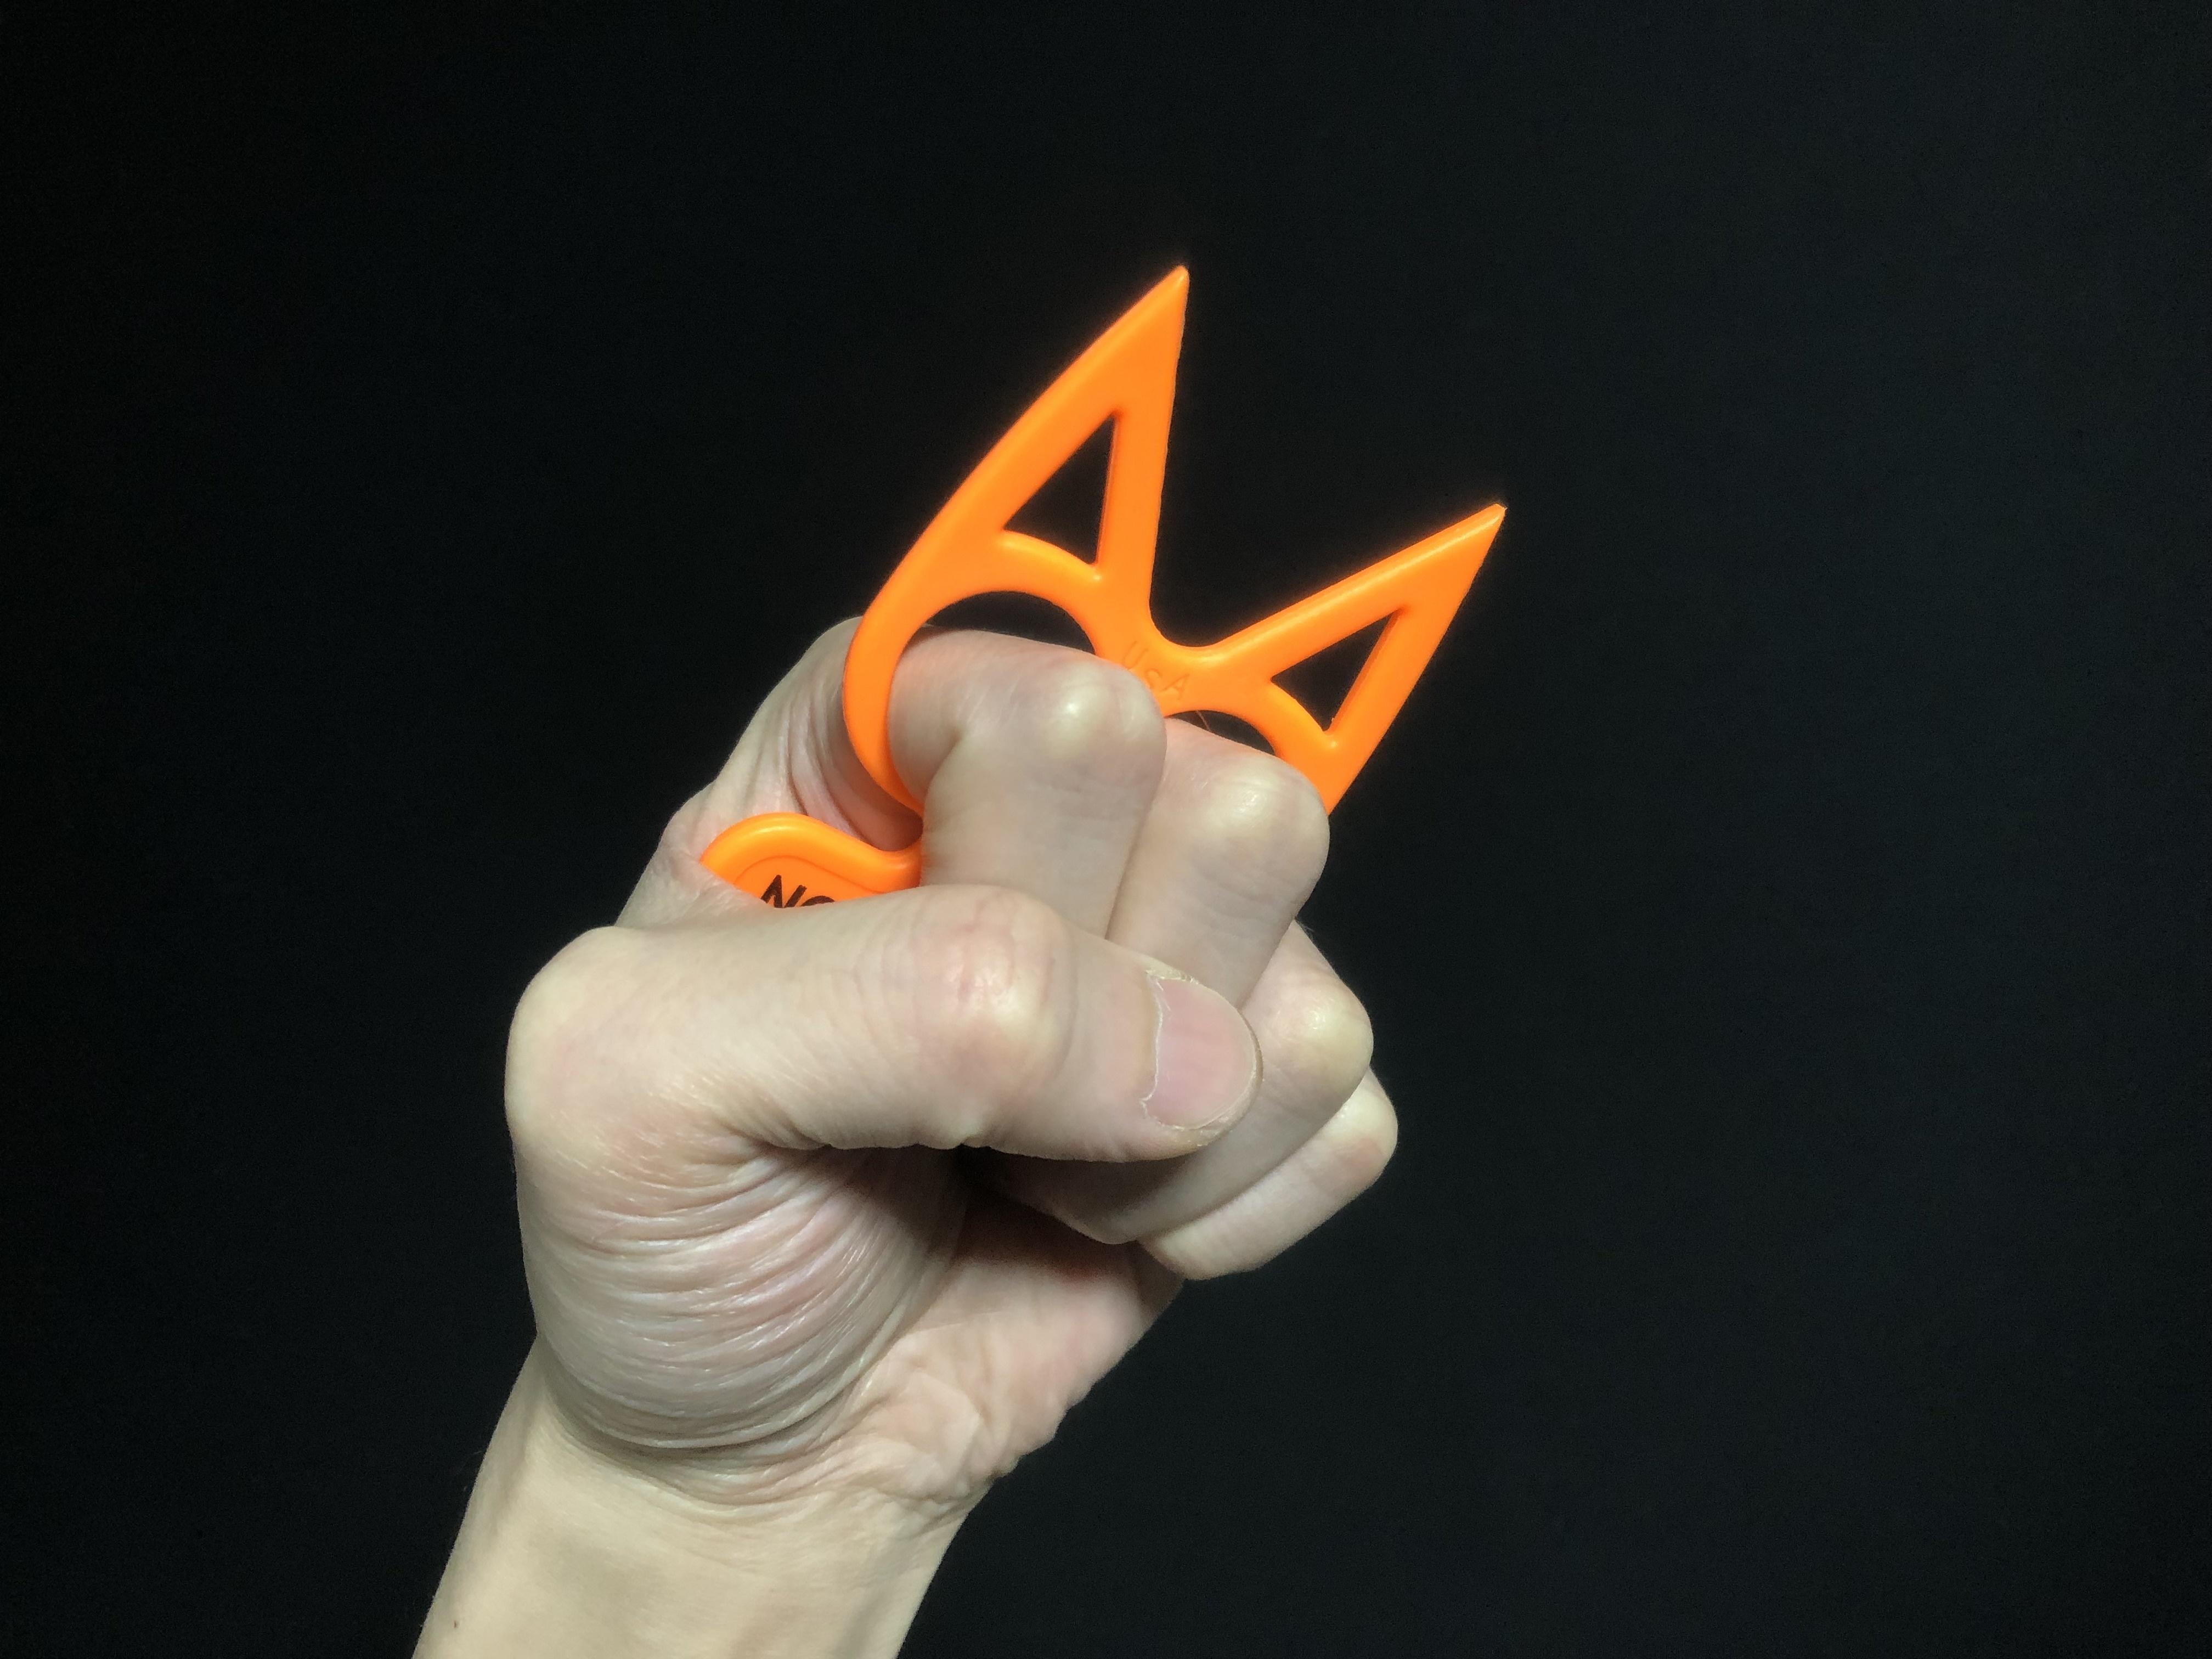 7実物 NOVESKE Equalizer Keychain Plastic marked MADE IN USA!! ノベスケ ノベスキー キャットナックル キーチェーン 護身用 雑貨 小物 ミリタリー!!購入 レビュー